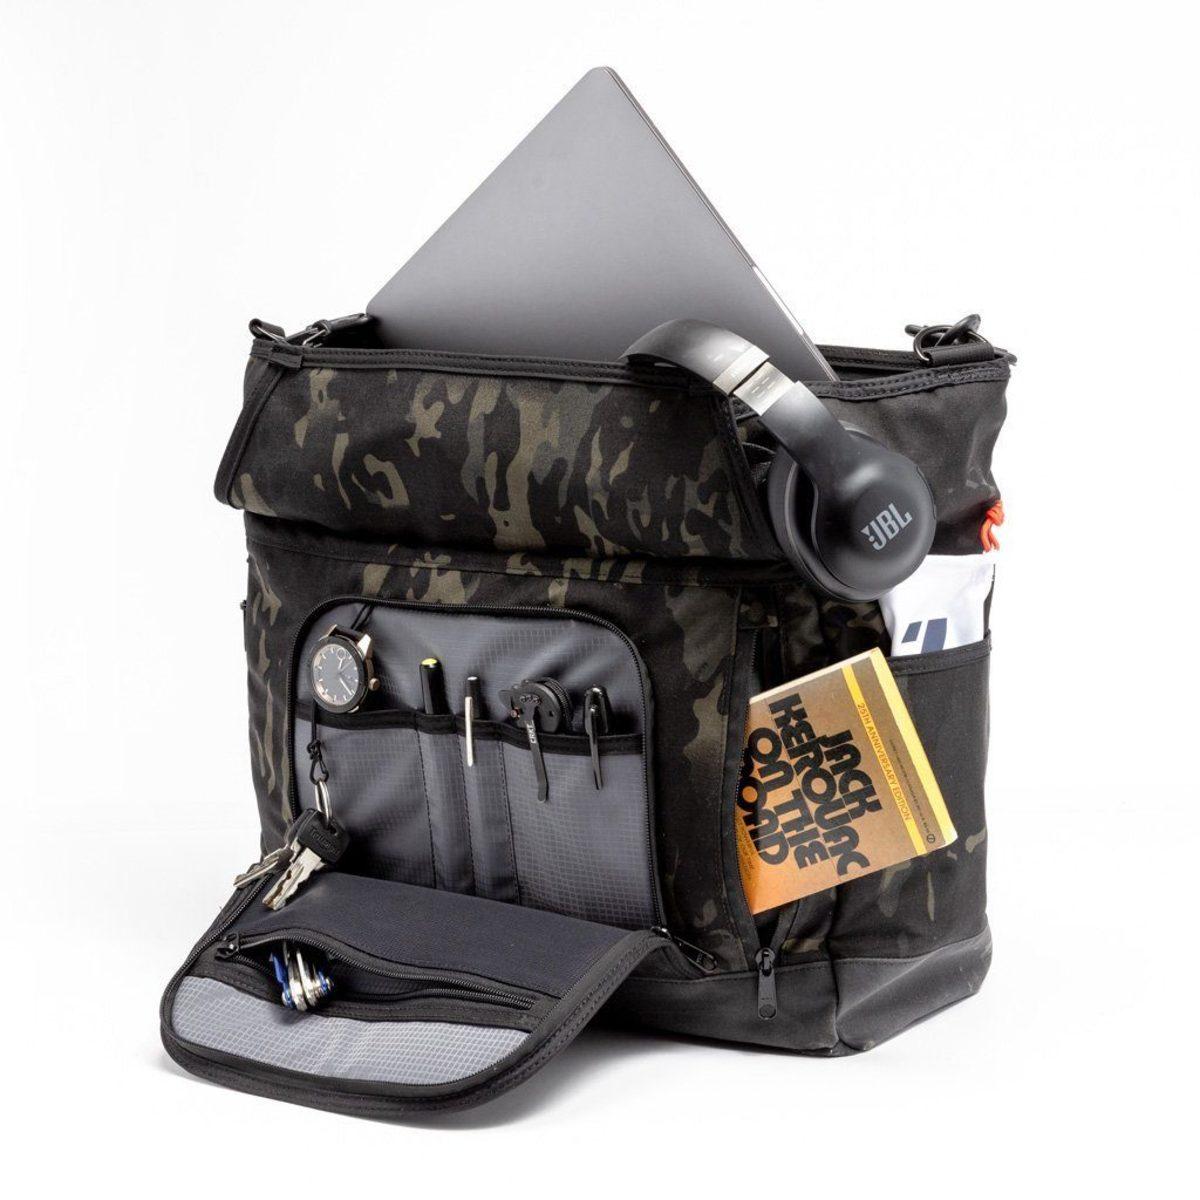 Mission Workshop The Drift Bag